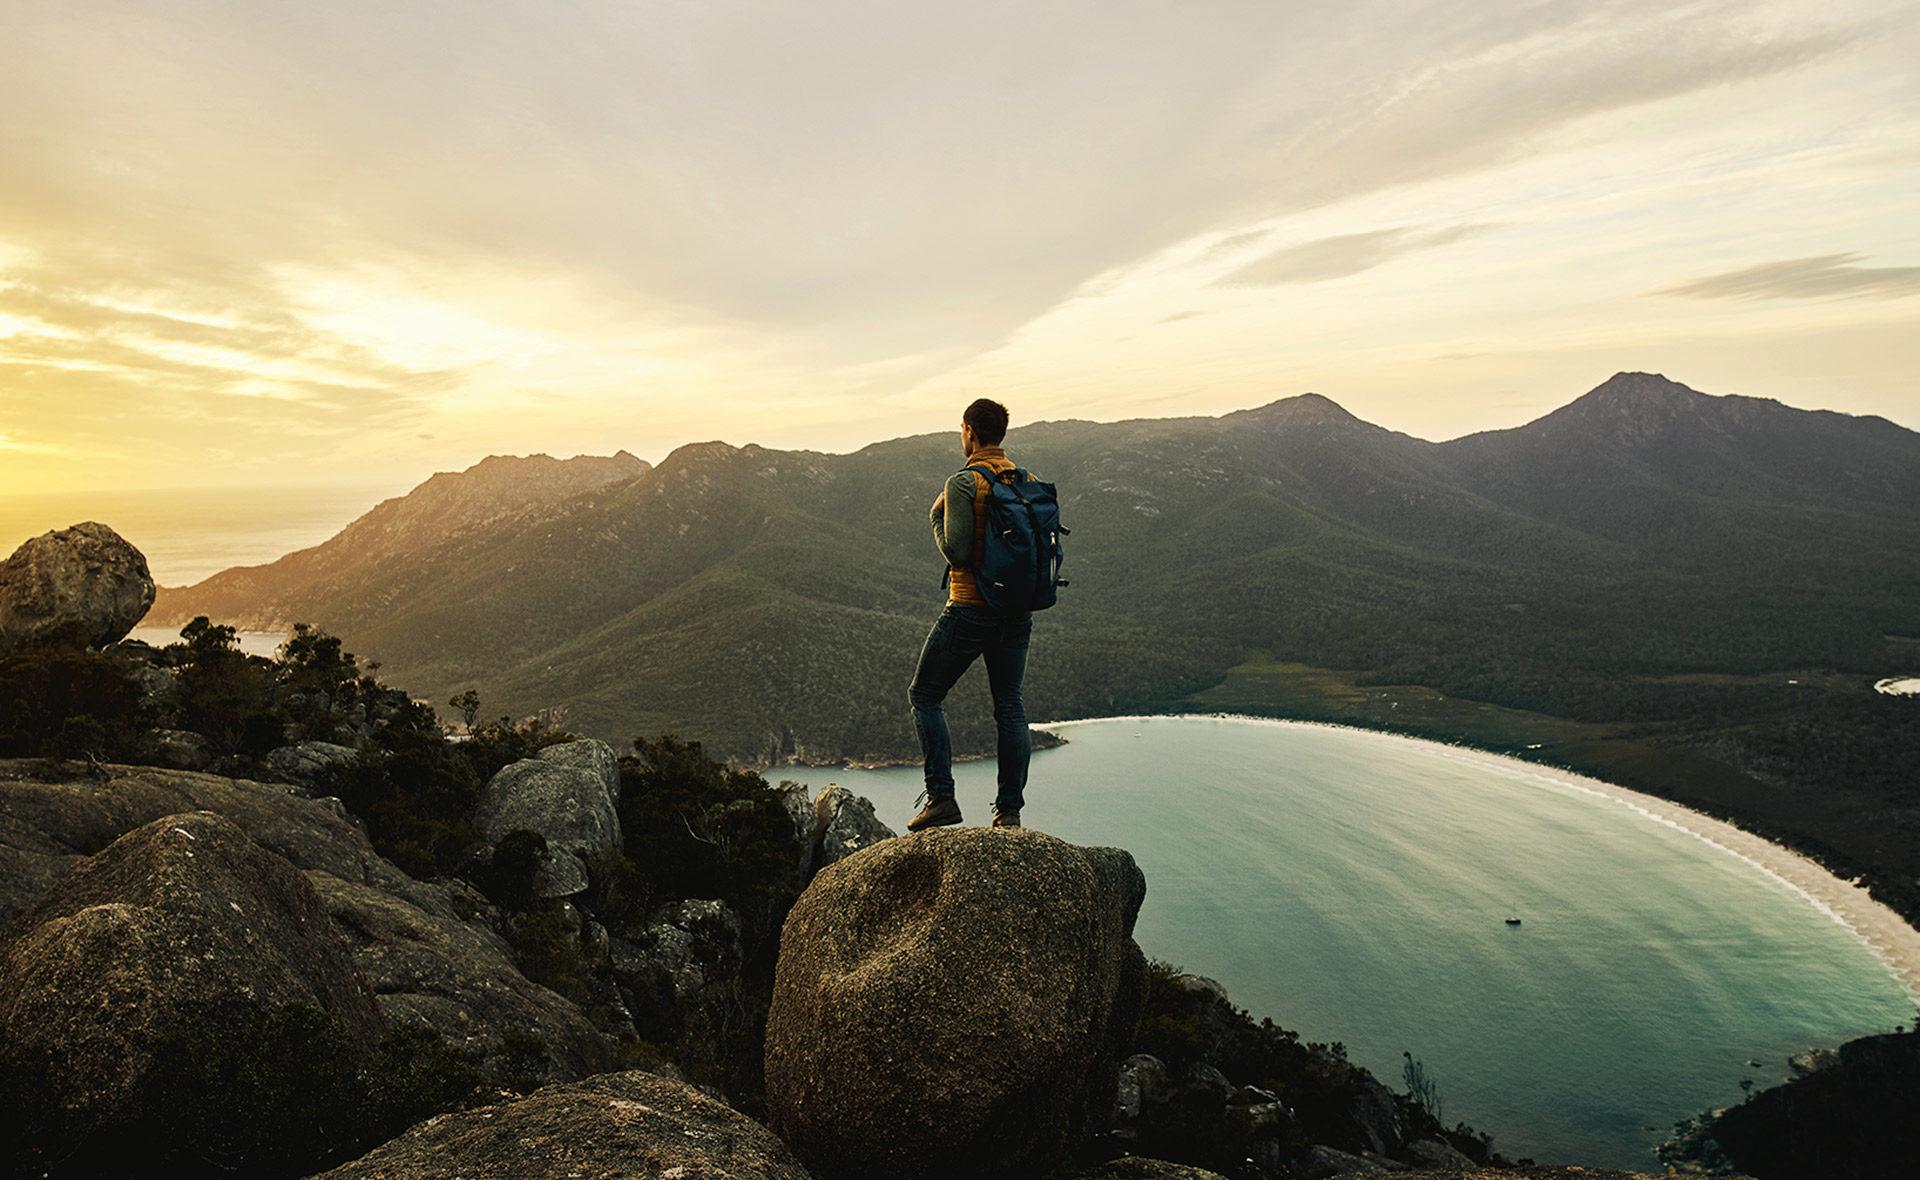 Fotografía de bonos, triunfo, liderazgo, sostenibilidad, colocación, emisiones, montaña, hombre, mochila